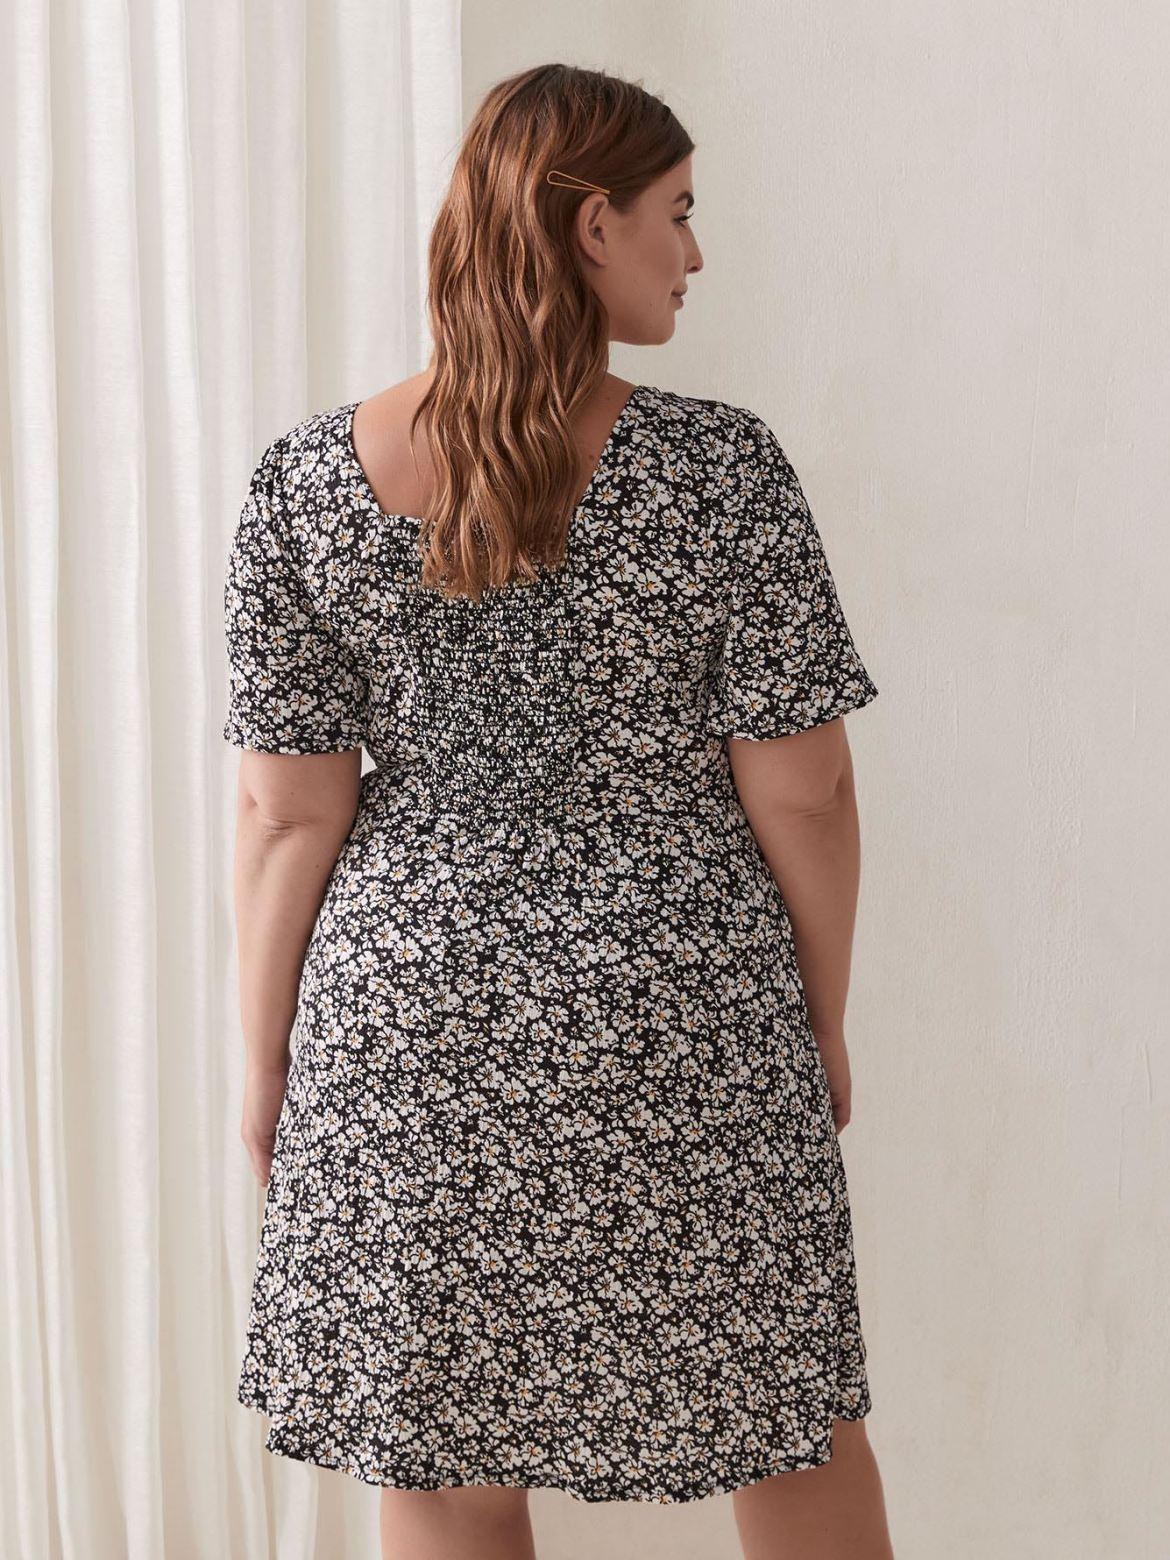 Printed Smocked Short Sleeve Dress - Addition Elle